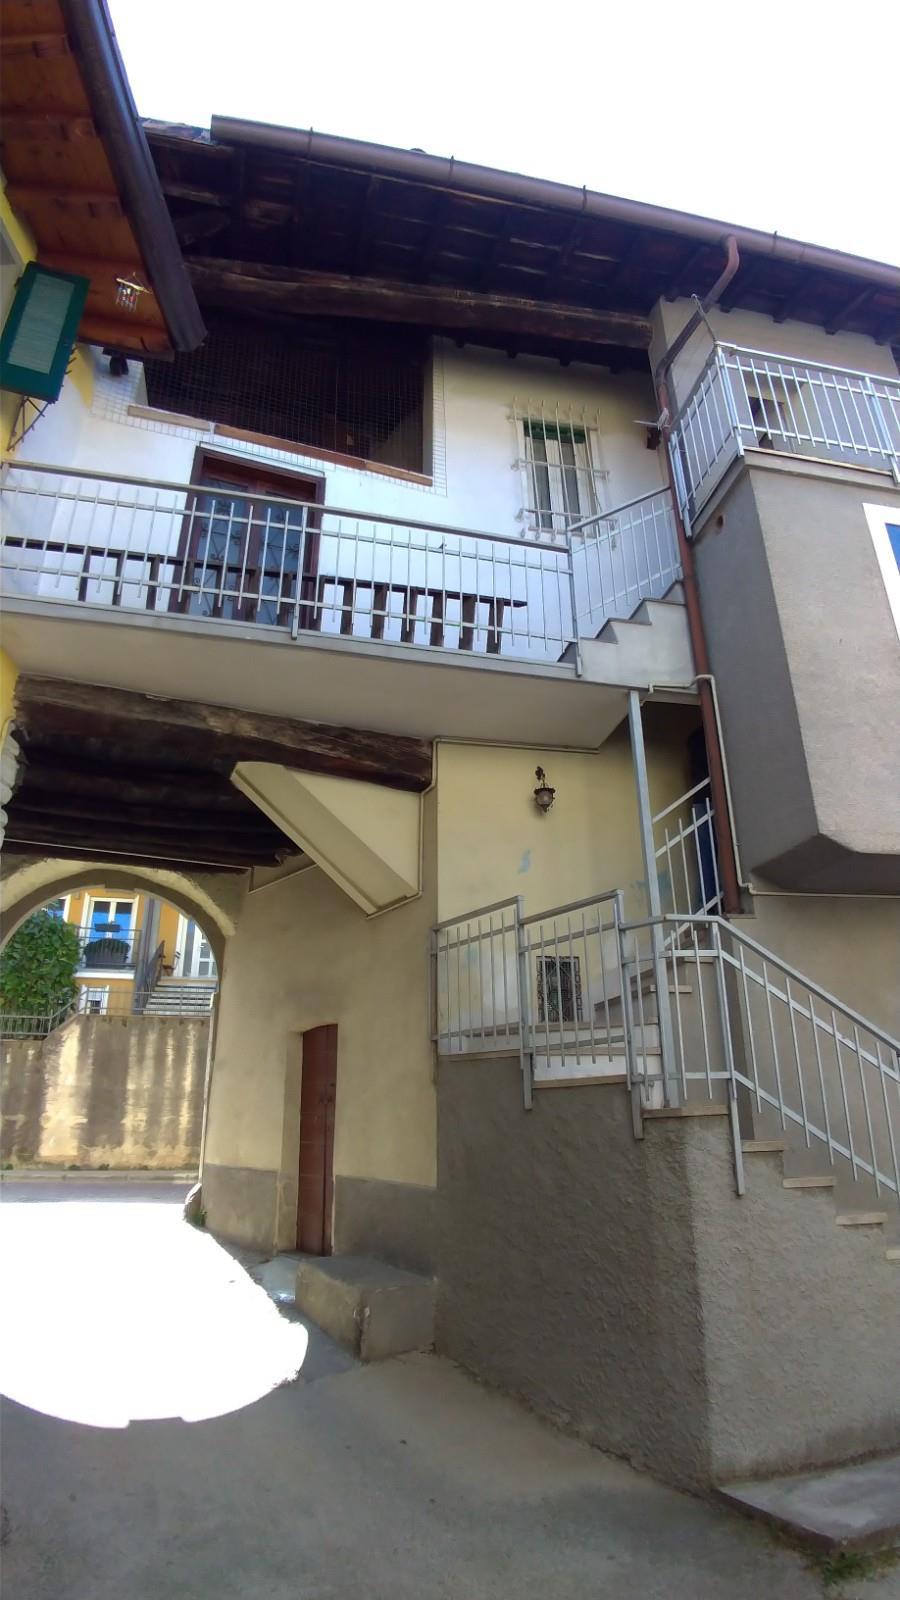 Foto 2 - Casa indipendente in Vendita - Valgreghentino (Lecco)